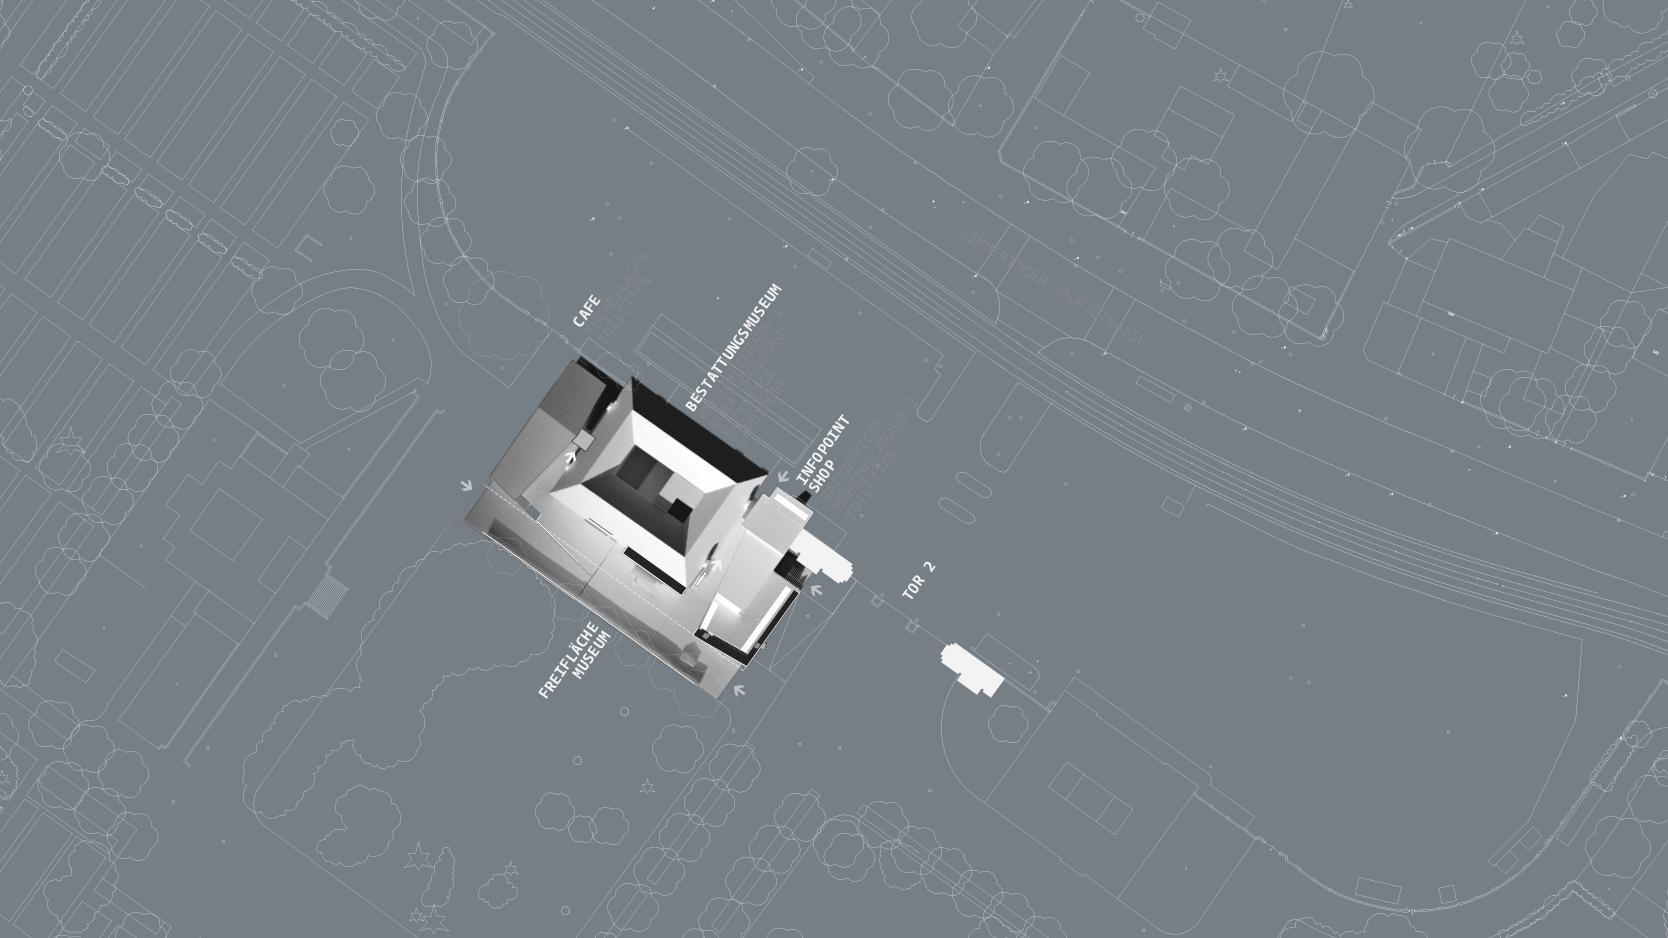 Zentralfriedhof: Site plan